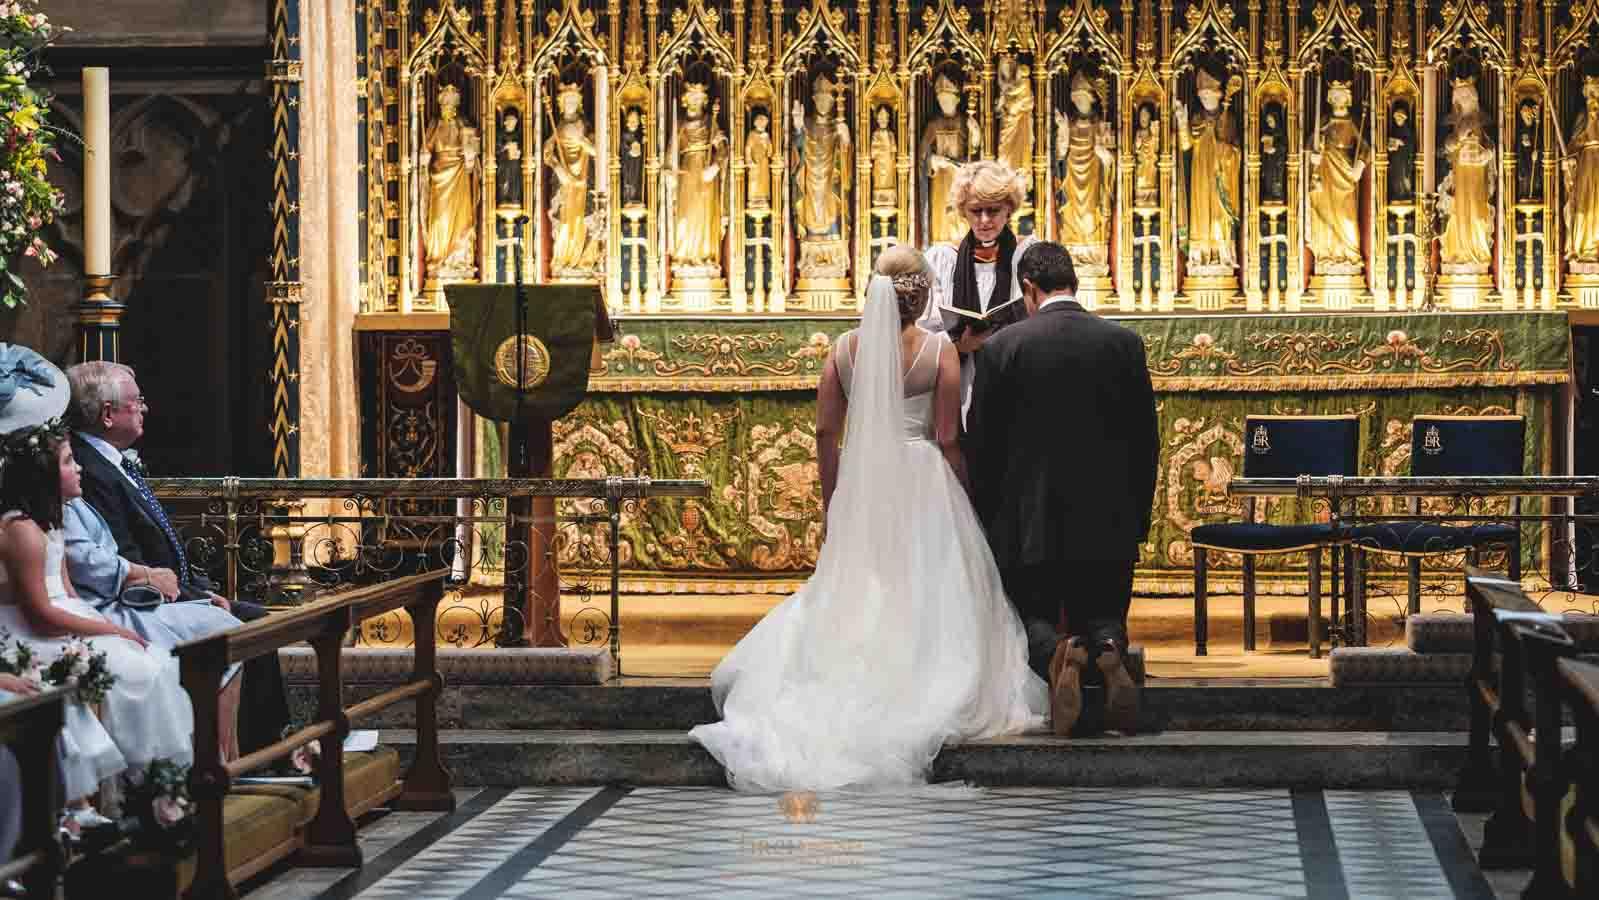 ripon-cathedral-wedding-042